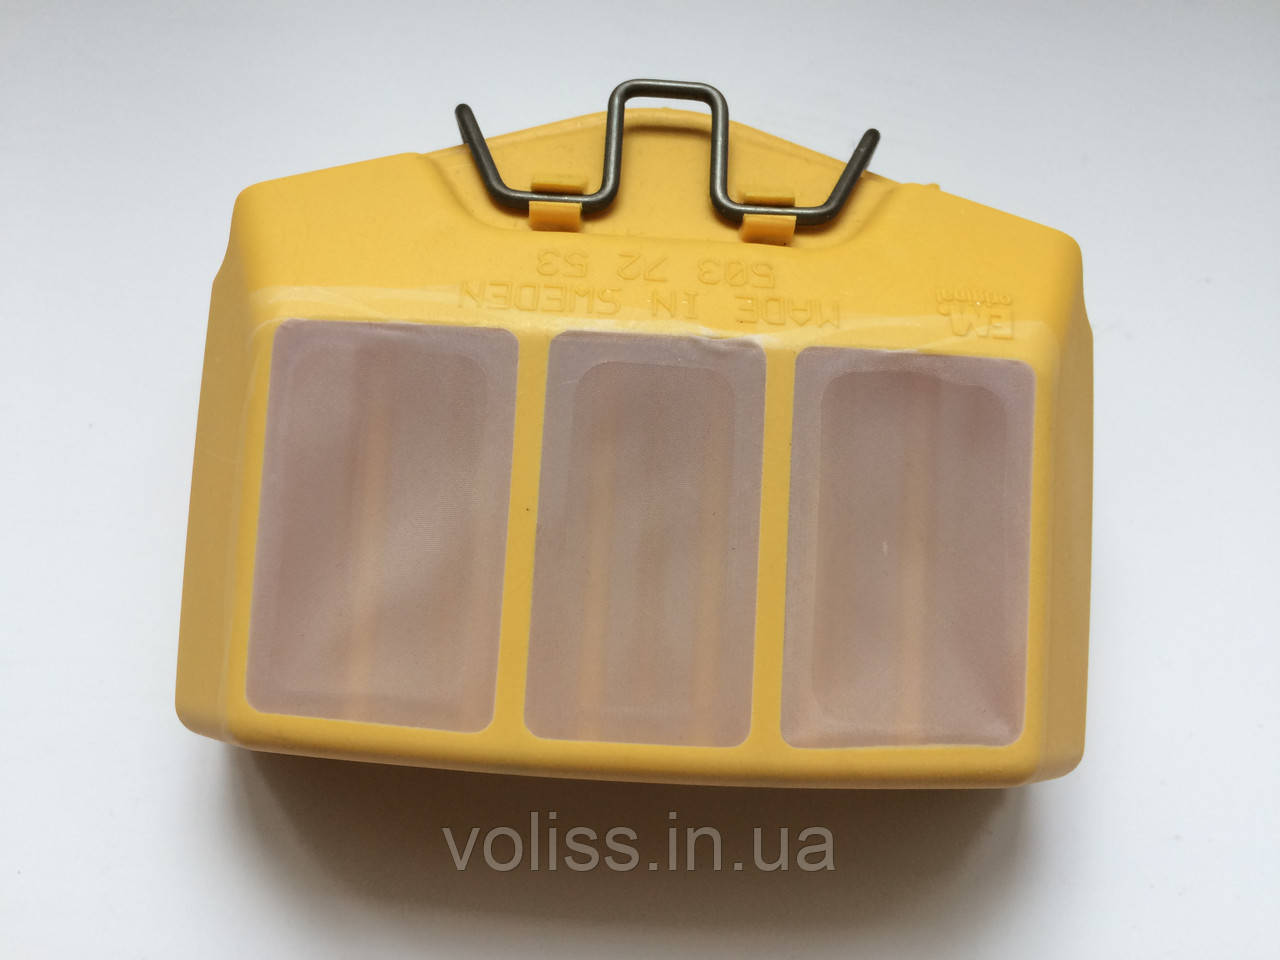 Фильтр воздушный для бензопил Husqvarna 362, 365, 372 (5752691-02)